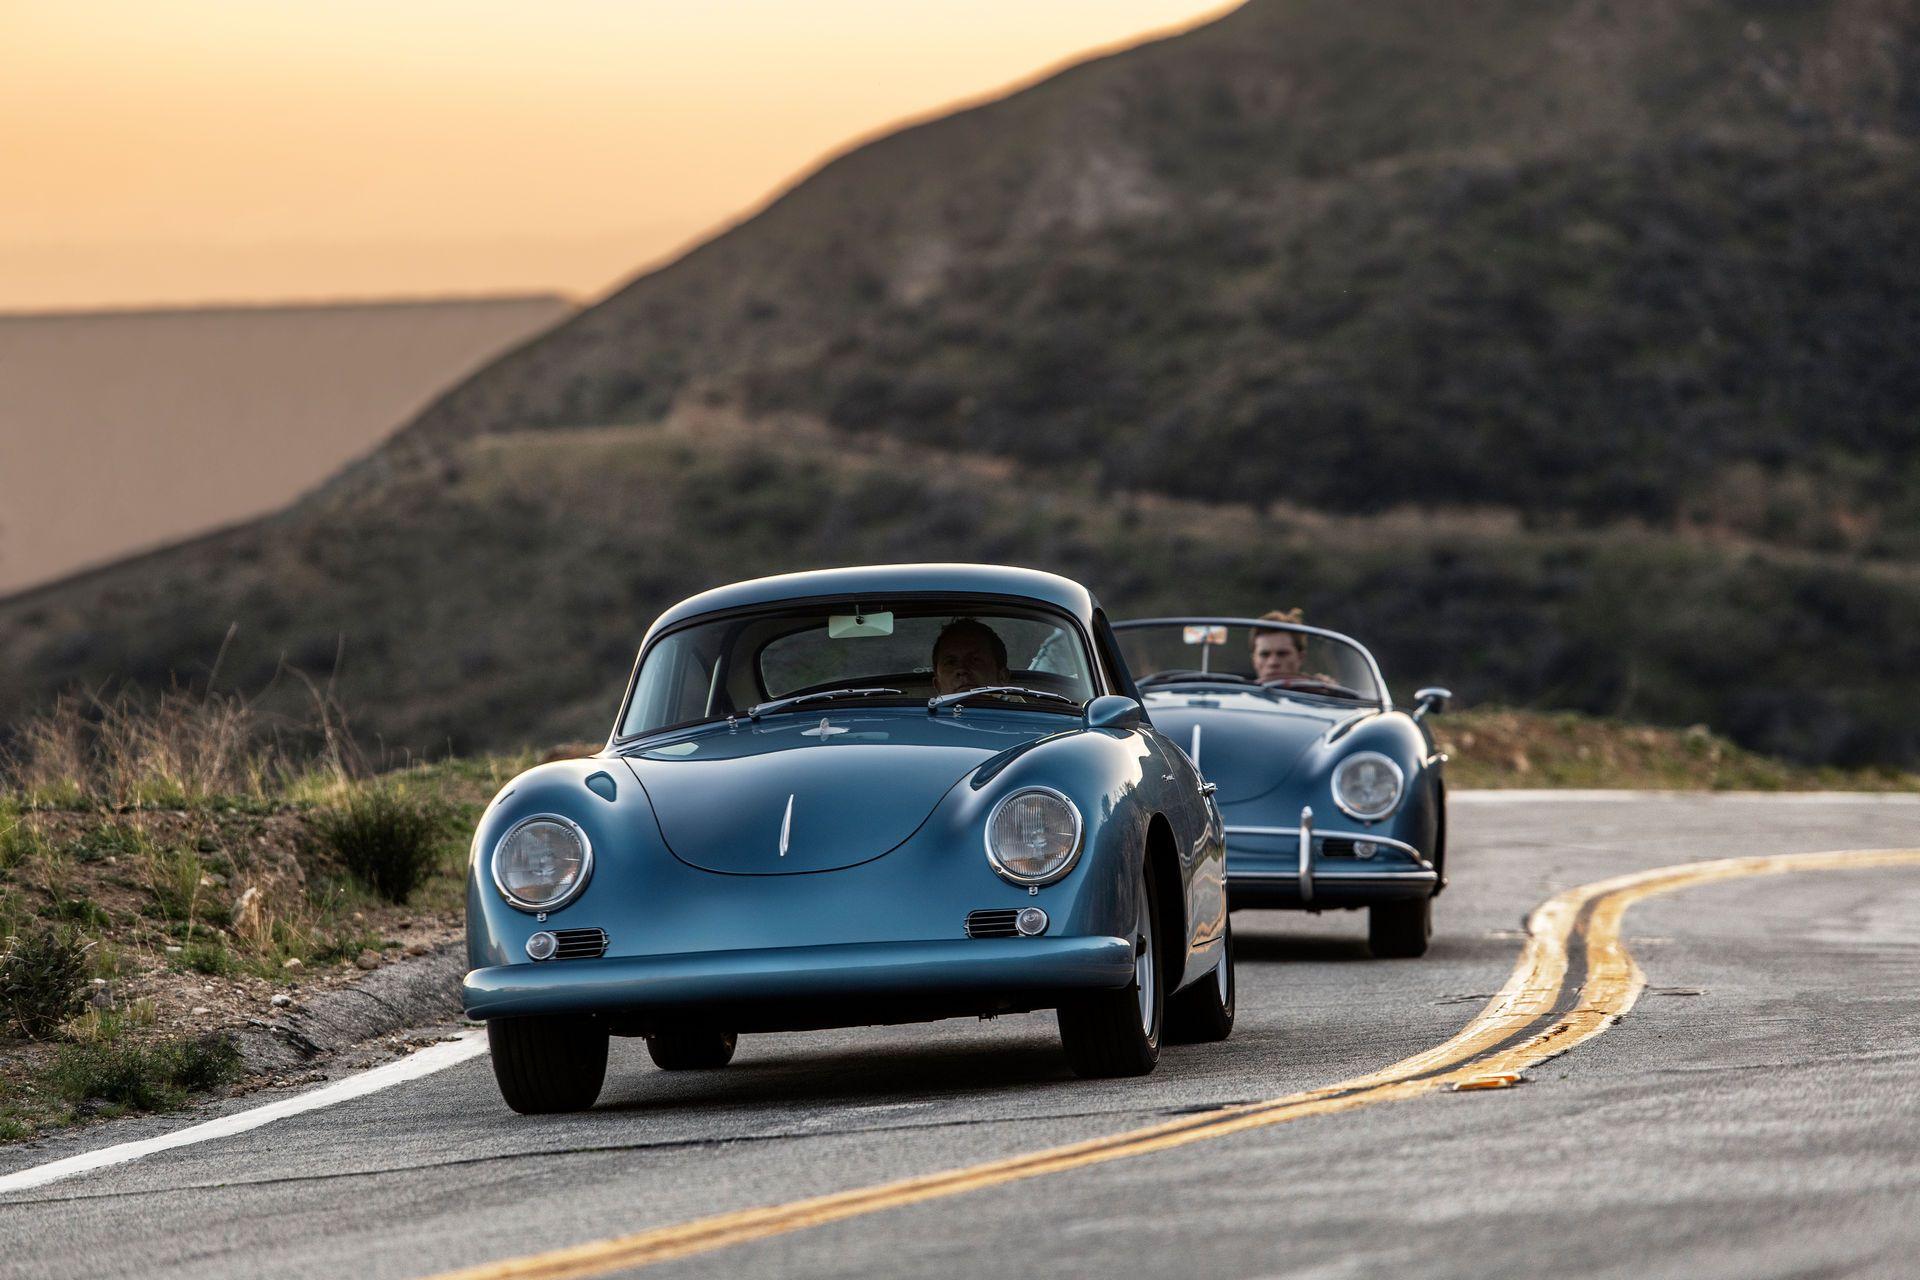 Porsche-356-A-Coupe-Restomod-Emory-Motorsports-21